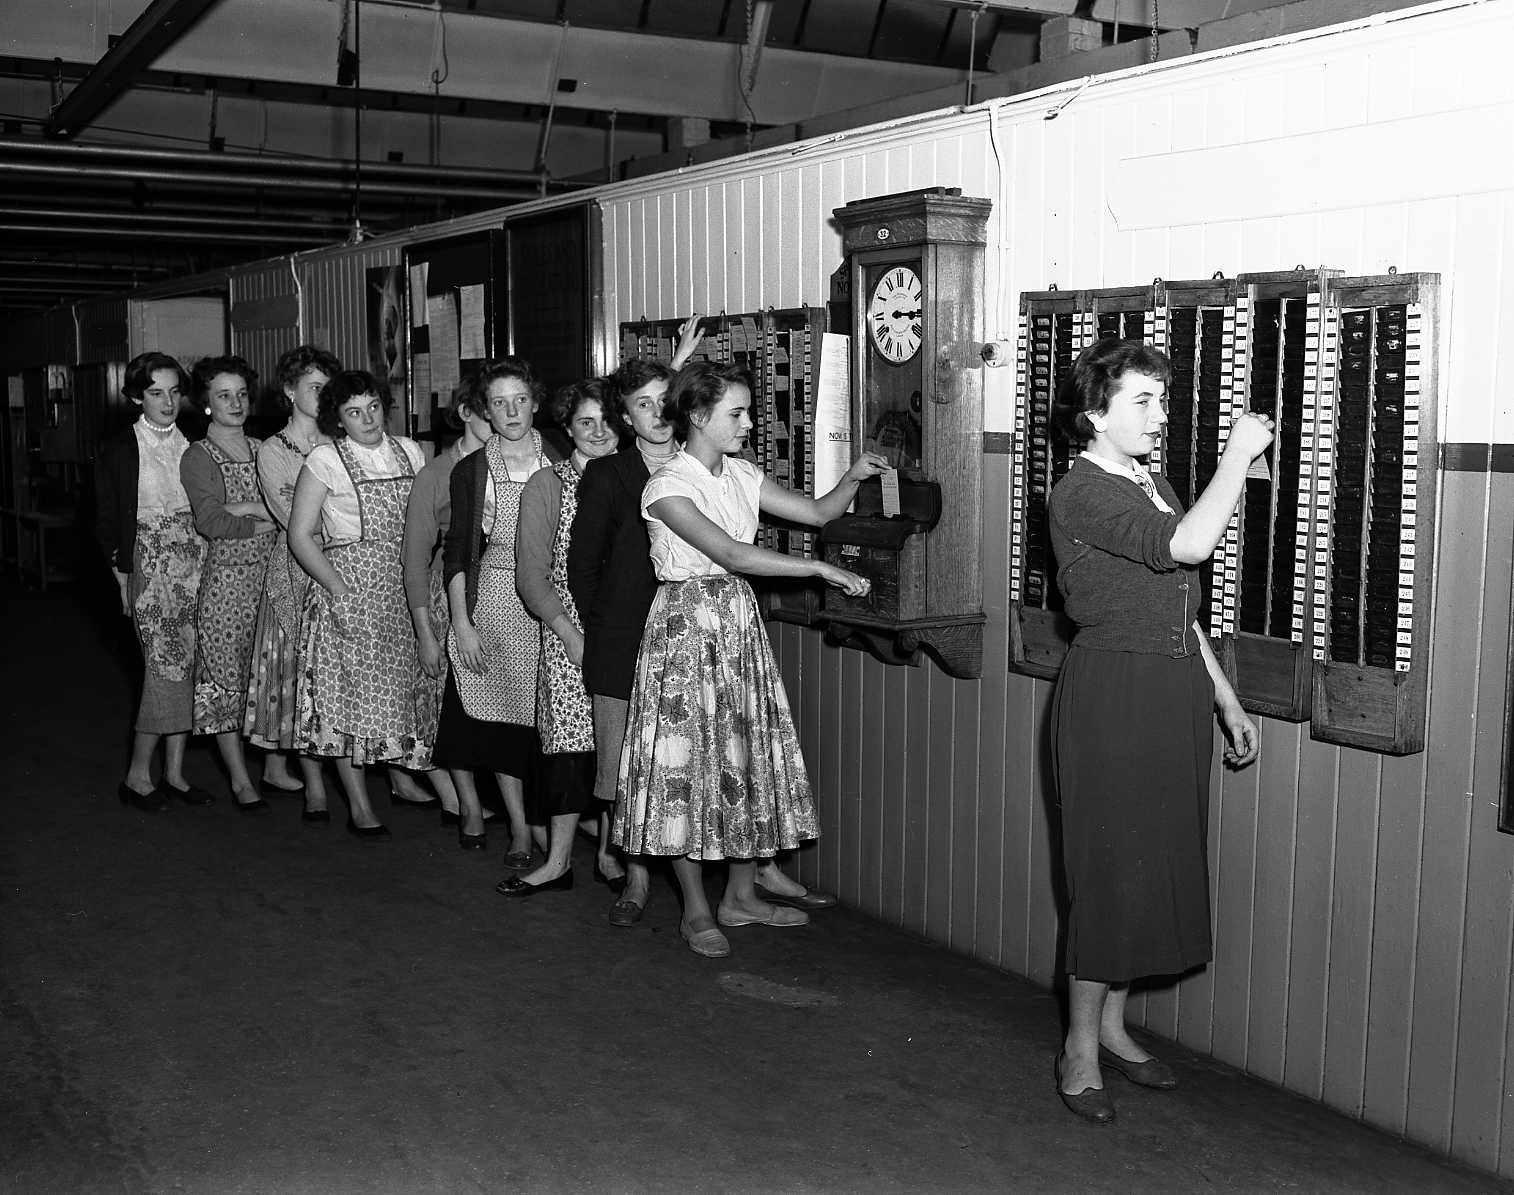 El registro horario formaba parte de la rutina diaria de los trabajadores.